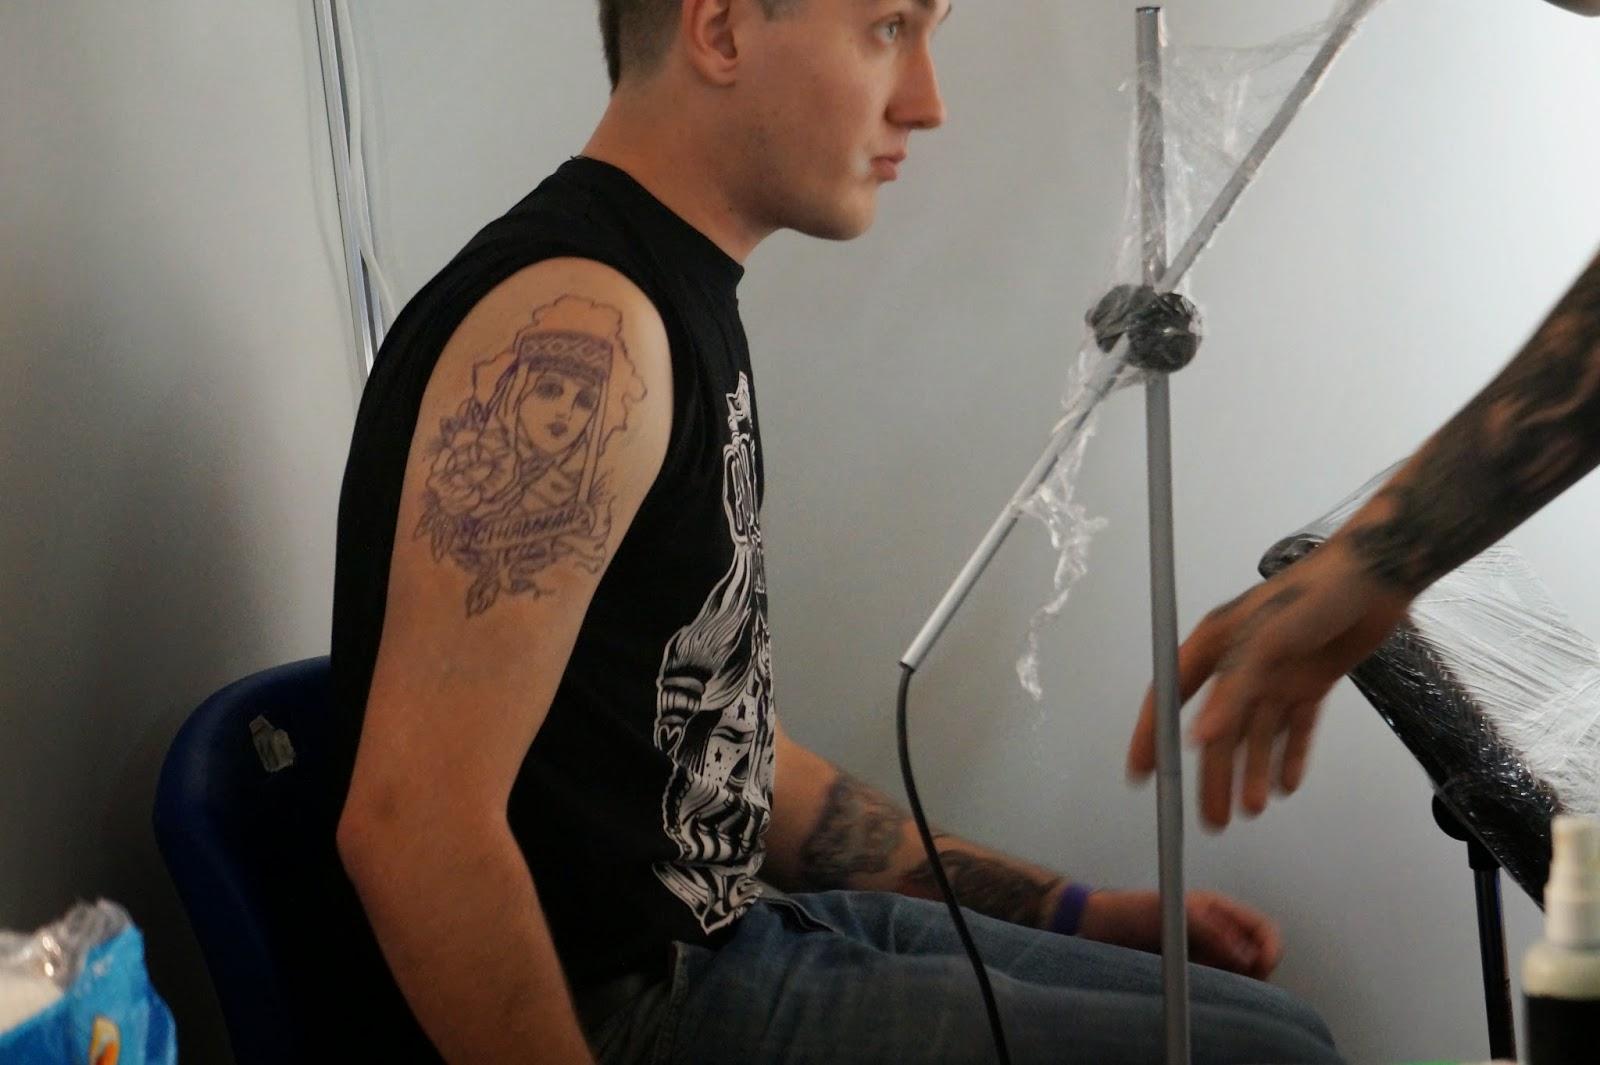 патриотические татуировки - Патриотические татуировки Тризуб герб Украины